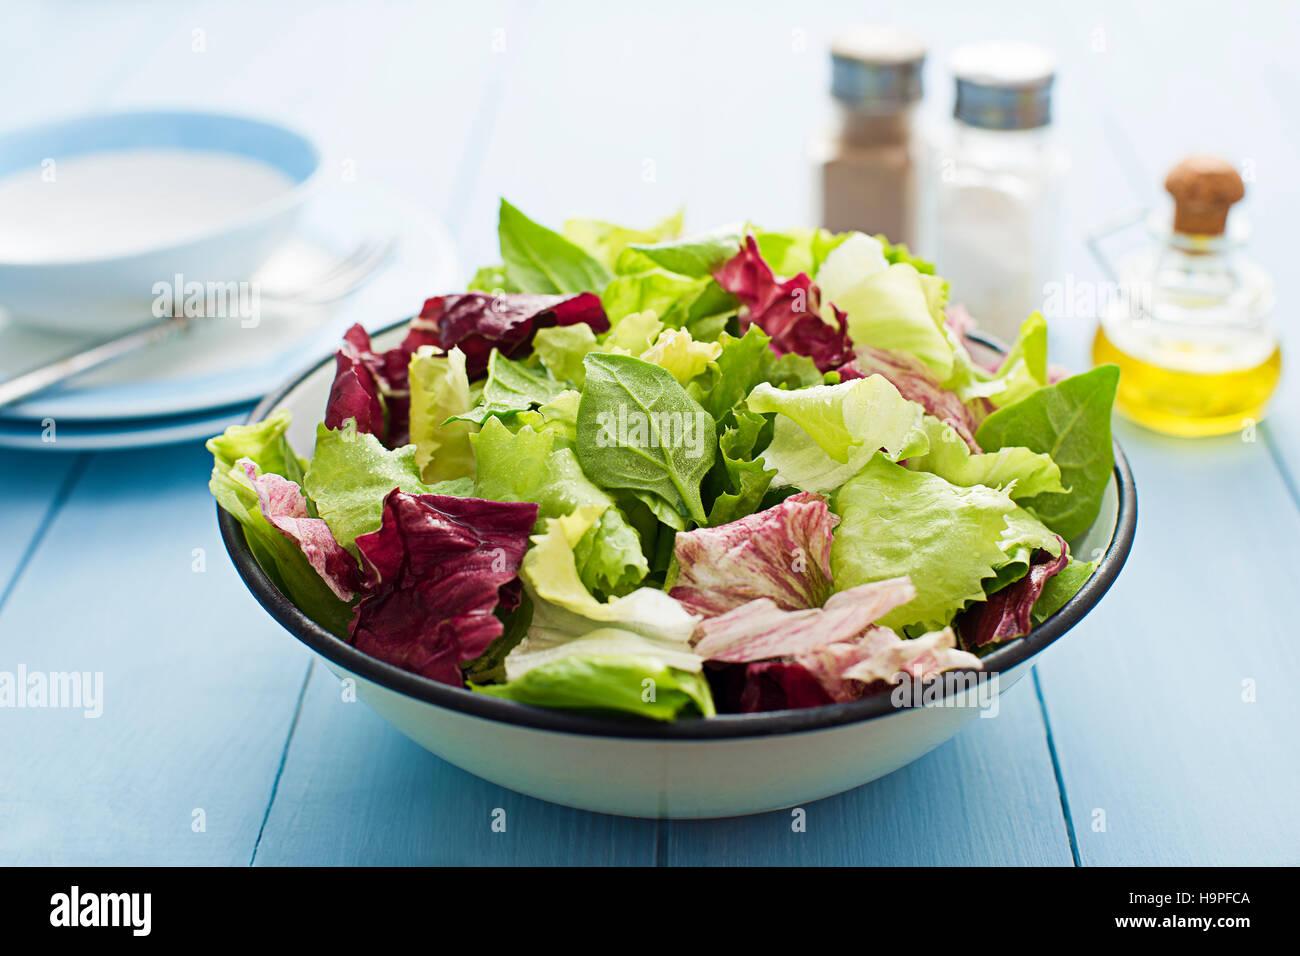 Frischer gemischter Salat in einer Schüssel hautnah Stockfoto